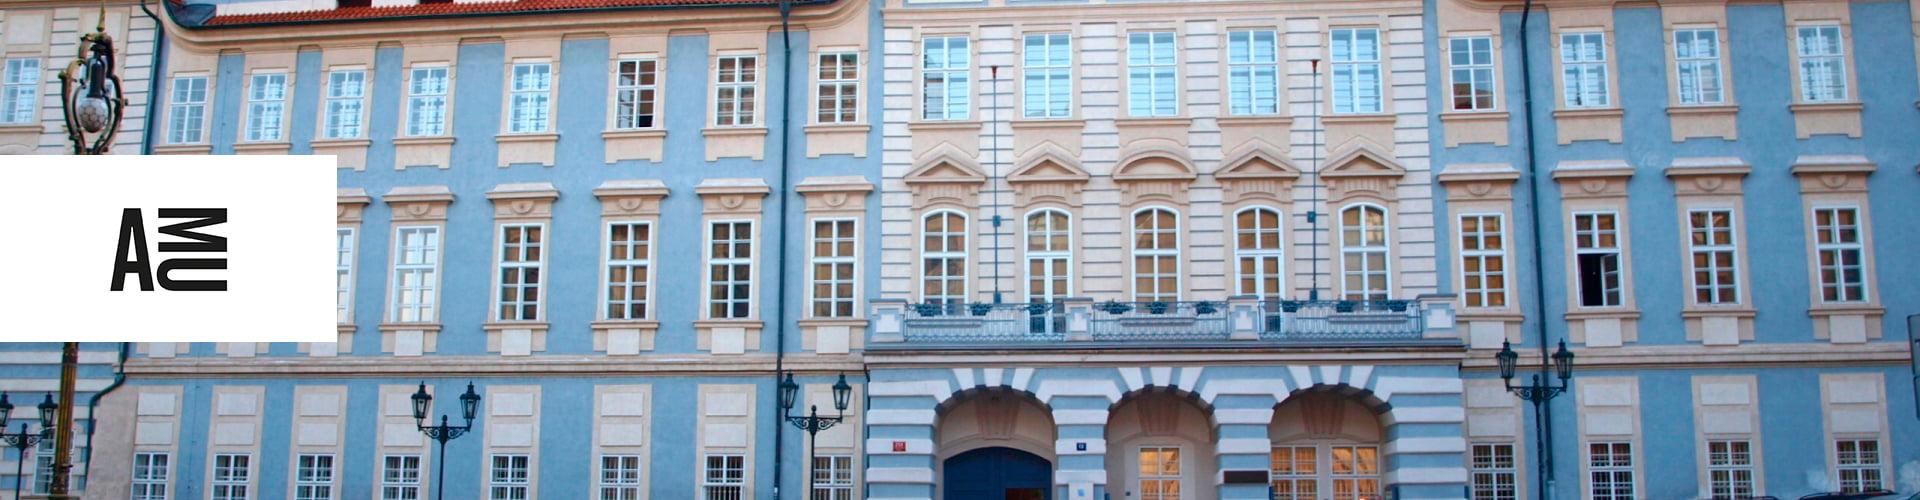 Академия Художественных Искусств eurostudy